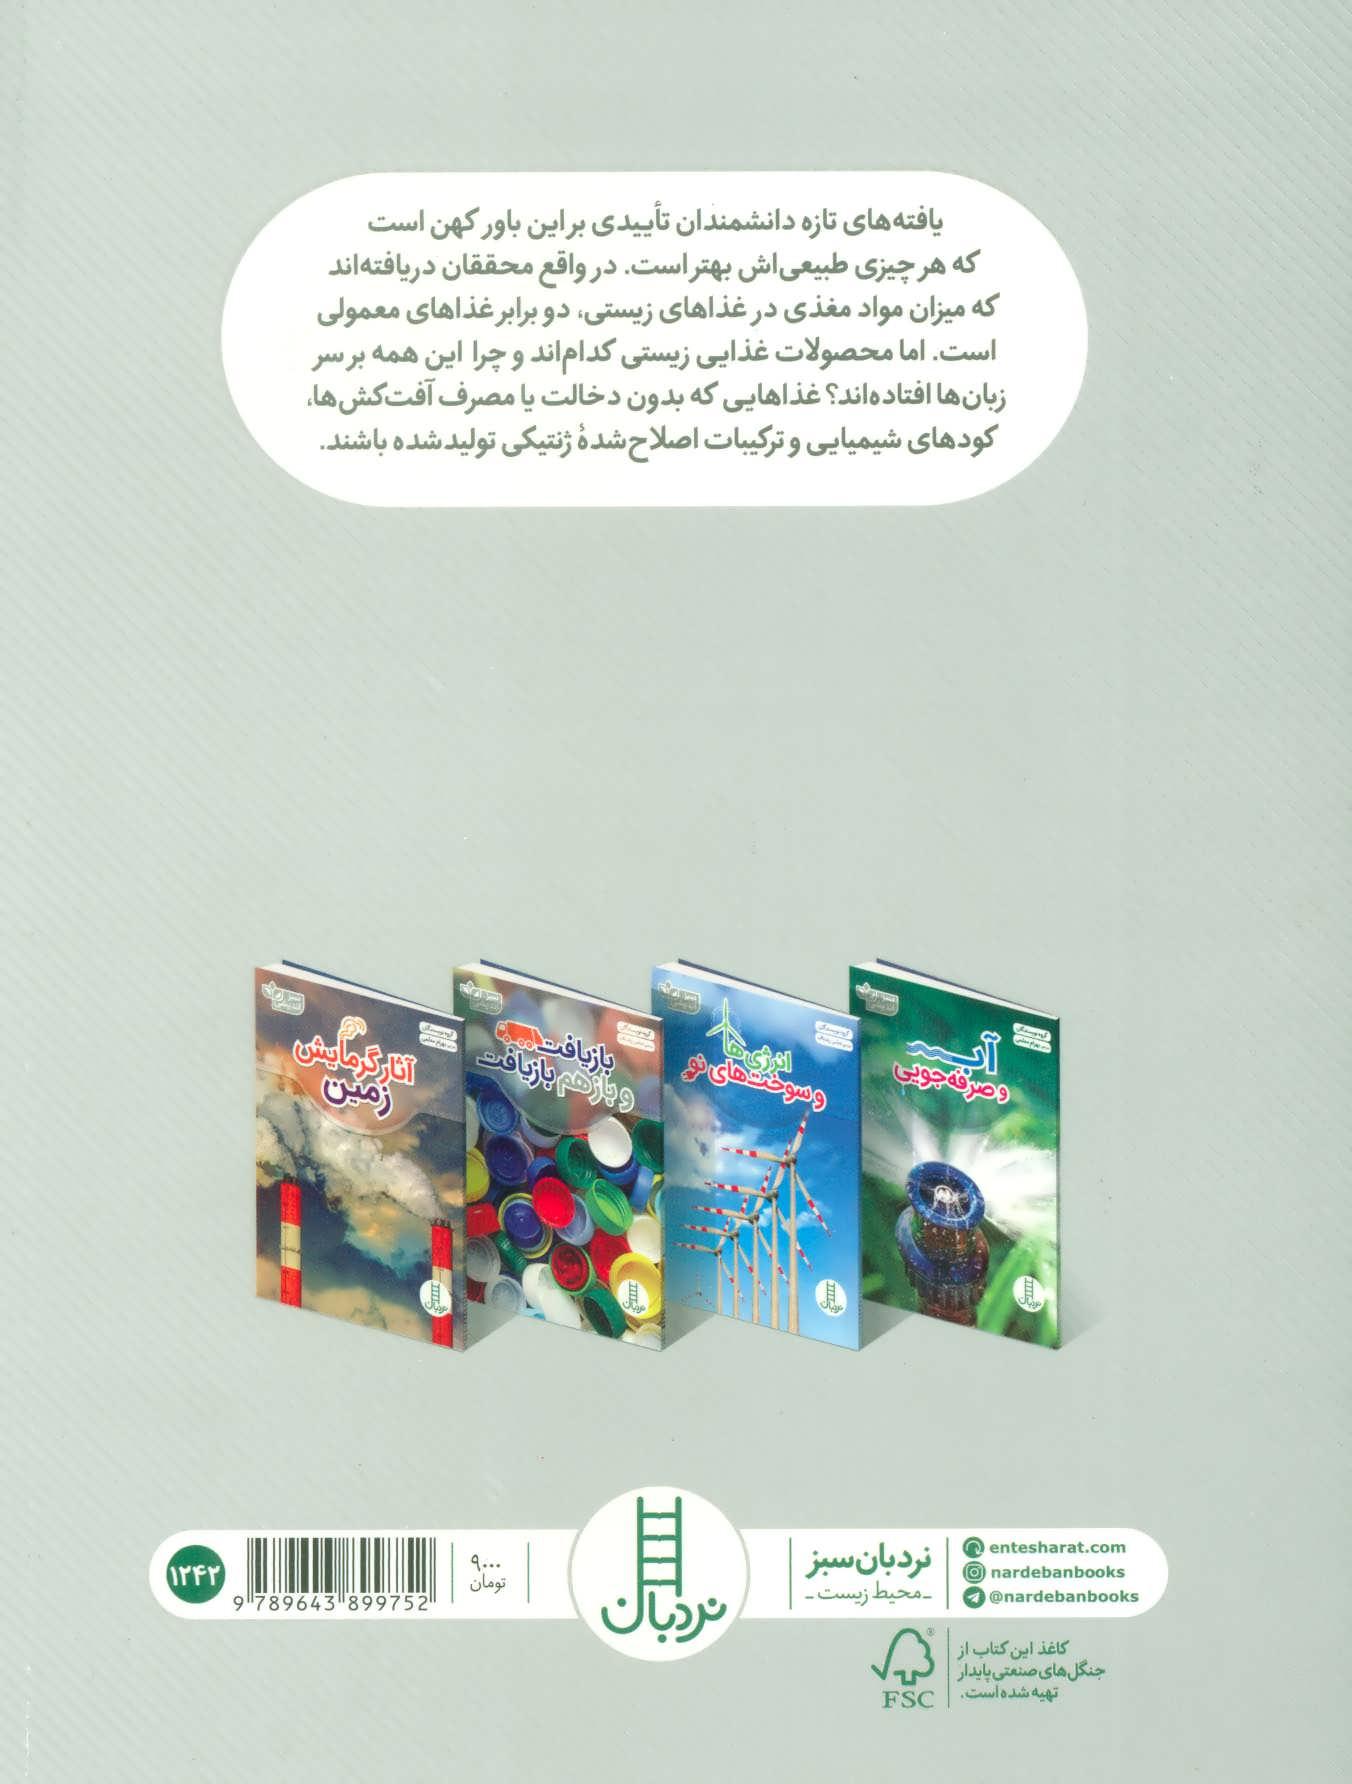 محصولات ارگانیک مصرف کنیم (سبز اندیشی)،(گلاسه)